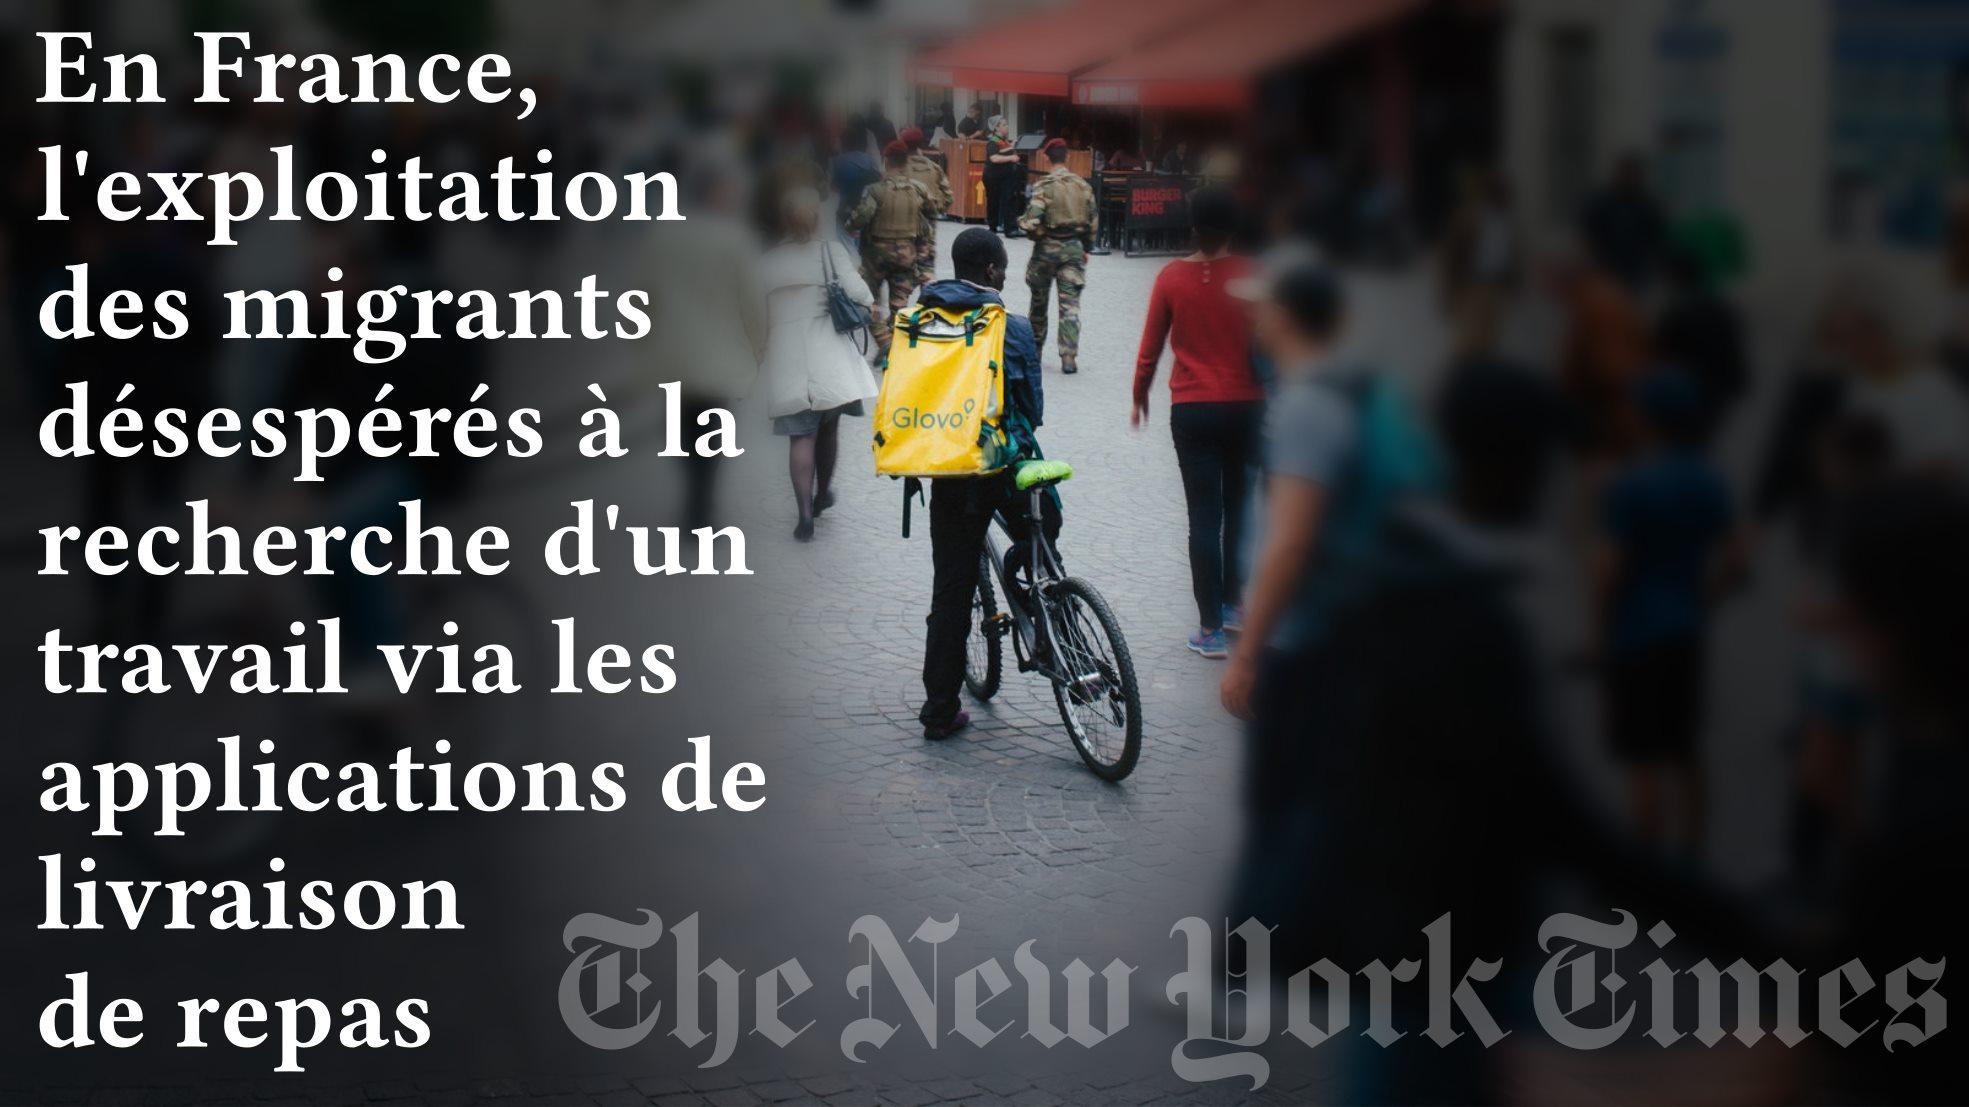 """Longue enquête dans The New York Times sur l'exploitation en France des migrants désespérés à la recherche d'un travail via les applications de livraison """"La baisse des rémunérations sur les plateformes pousse des précaires à sous-traiter vers des gens encore plus pauvres qu'eux""""    https://www.nytimes.com/2019/06/16/business/uber-eats-deliveroo-glovo-migrants.html?fbclid=IwAR3ld02YQvkNHt8f3b2G7Nr4v1OpAJBsDo1gDwzDTvXvjRv9Gpg1LQNJrkY"""